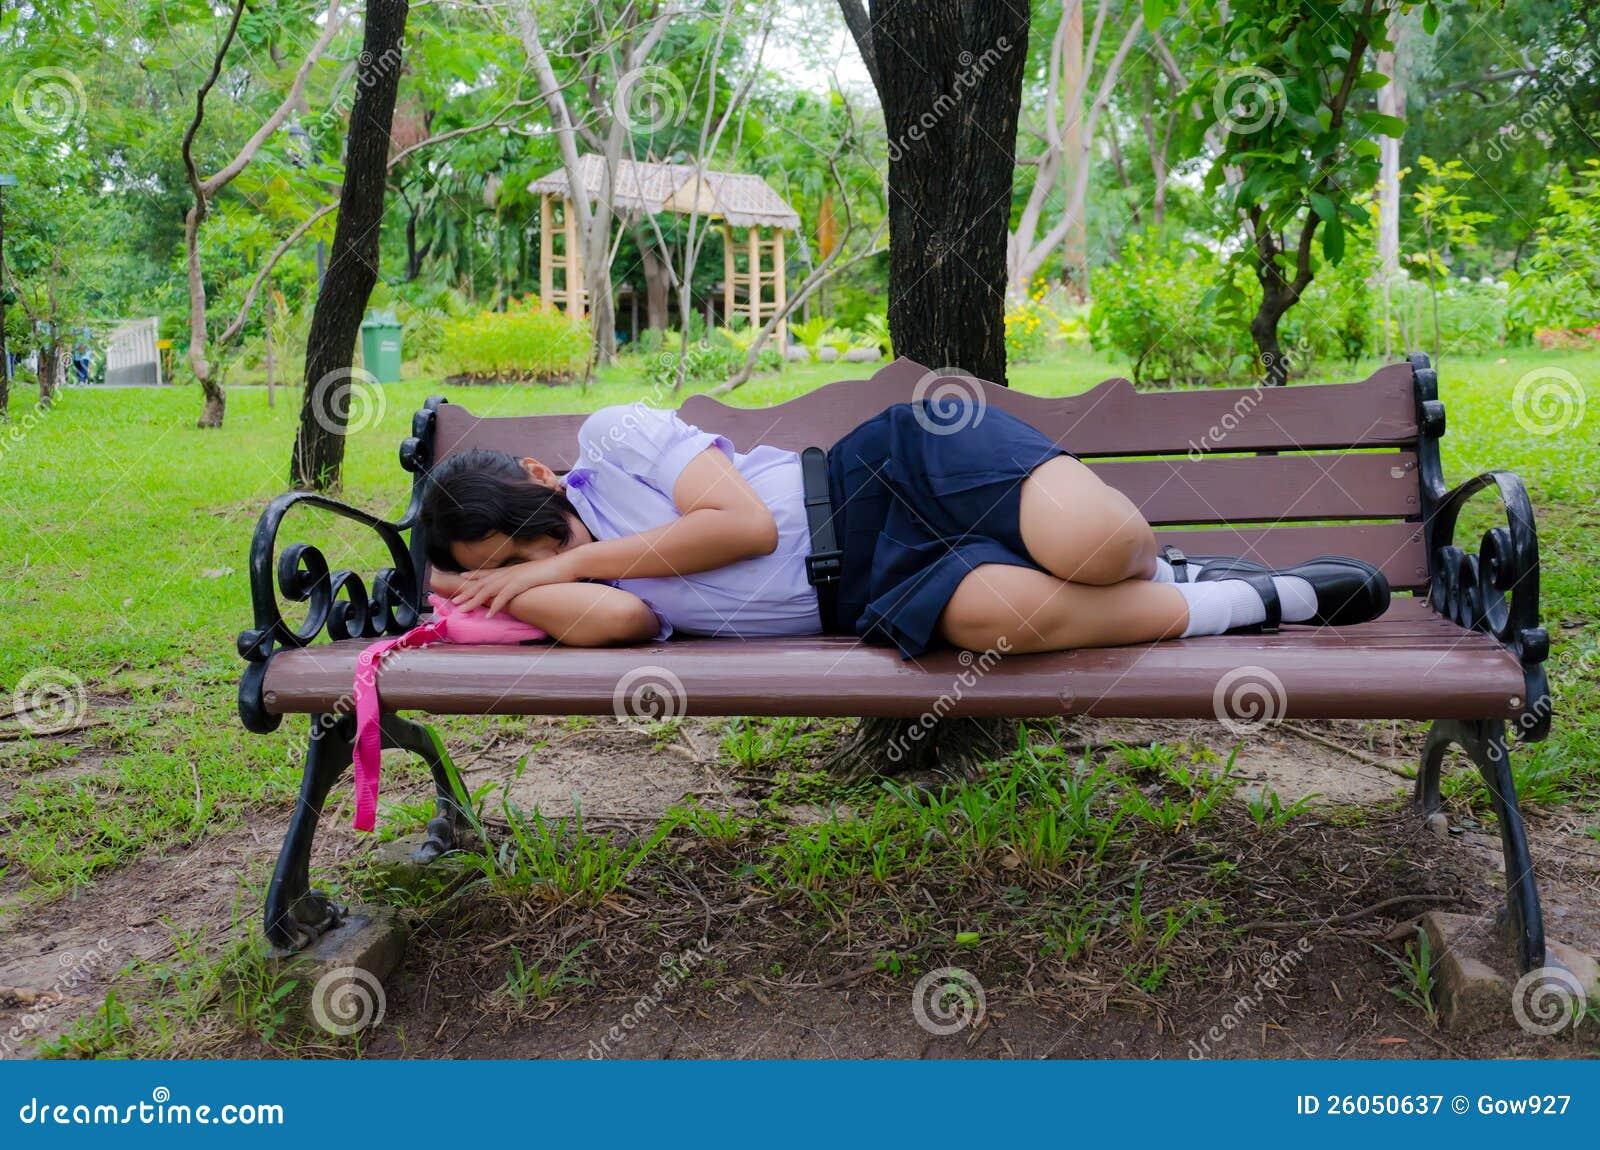 Смотреть секс на скамейке 239